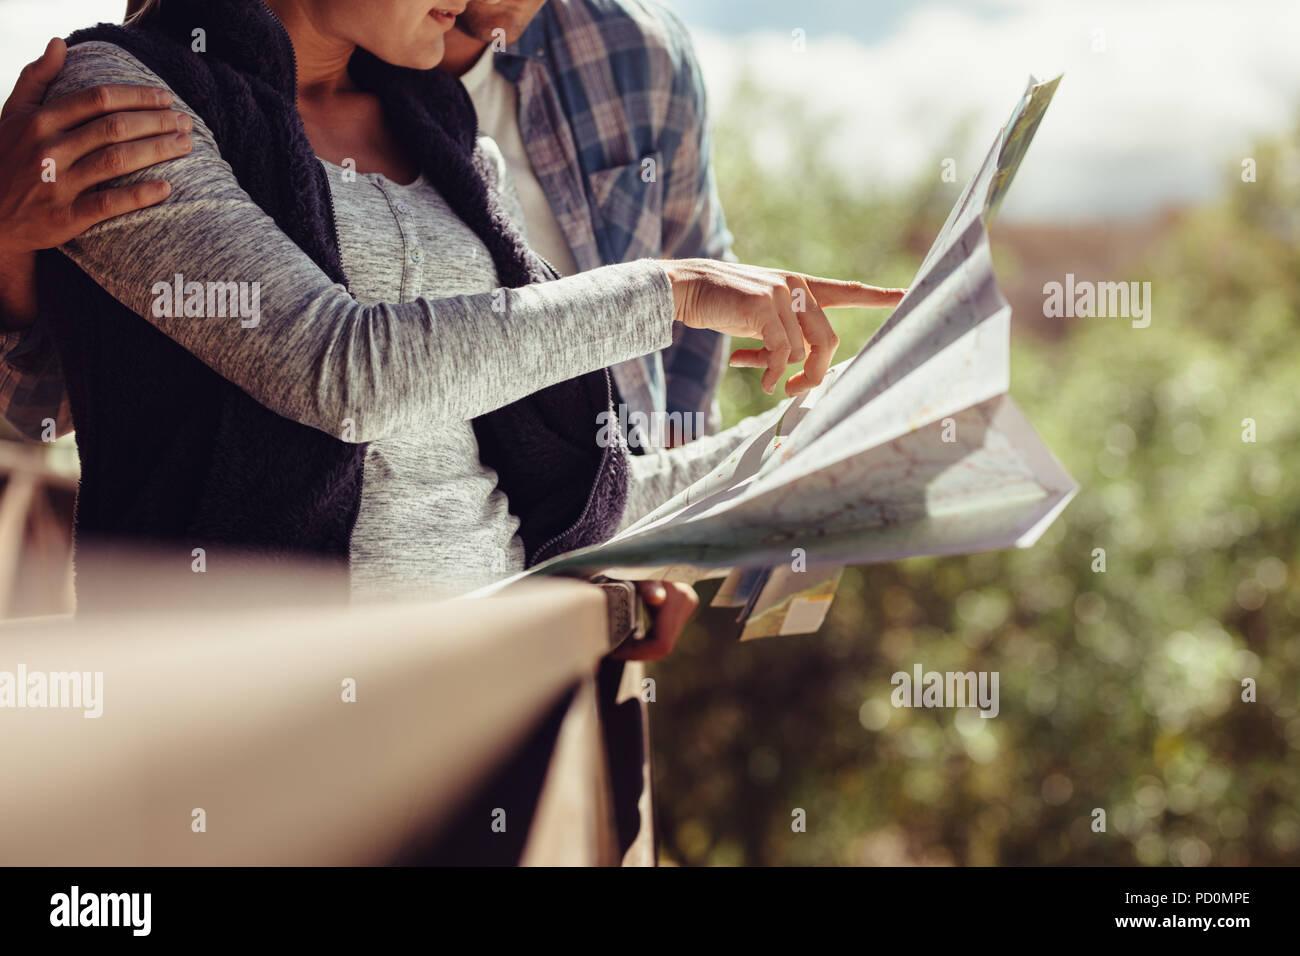 Frau zeigt auf die Karte beim Stehen mit ihrem Freund. Auf der Suche nach Reiseziel auf der Karte. Stockbild